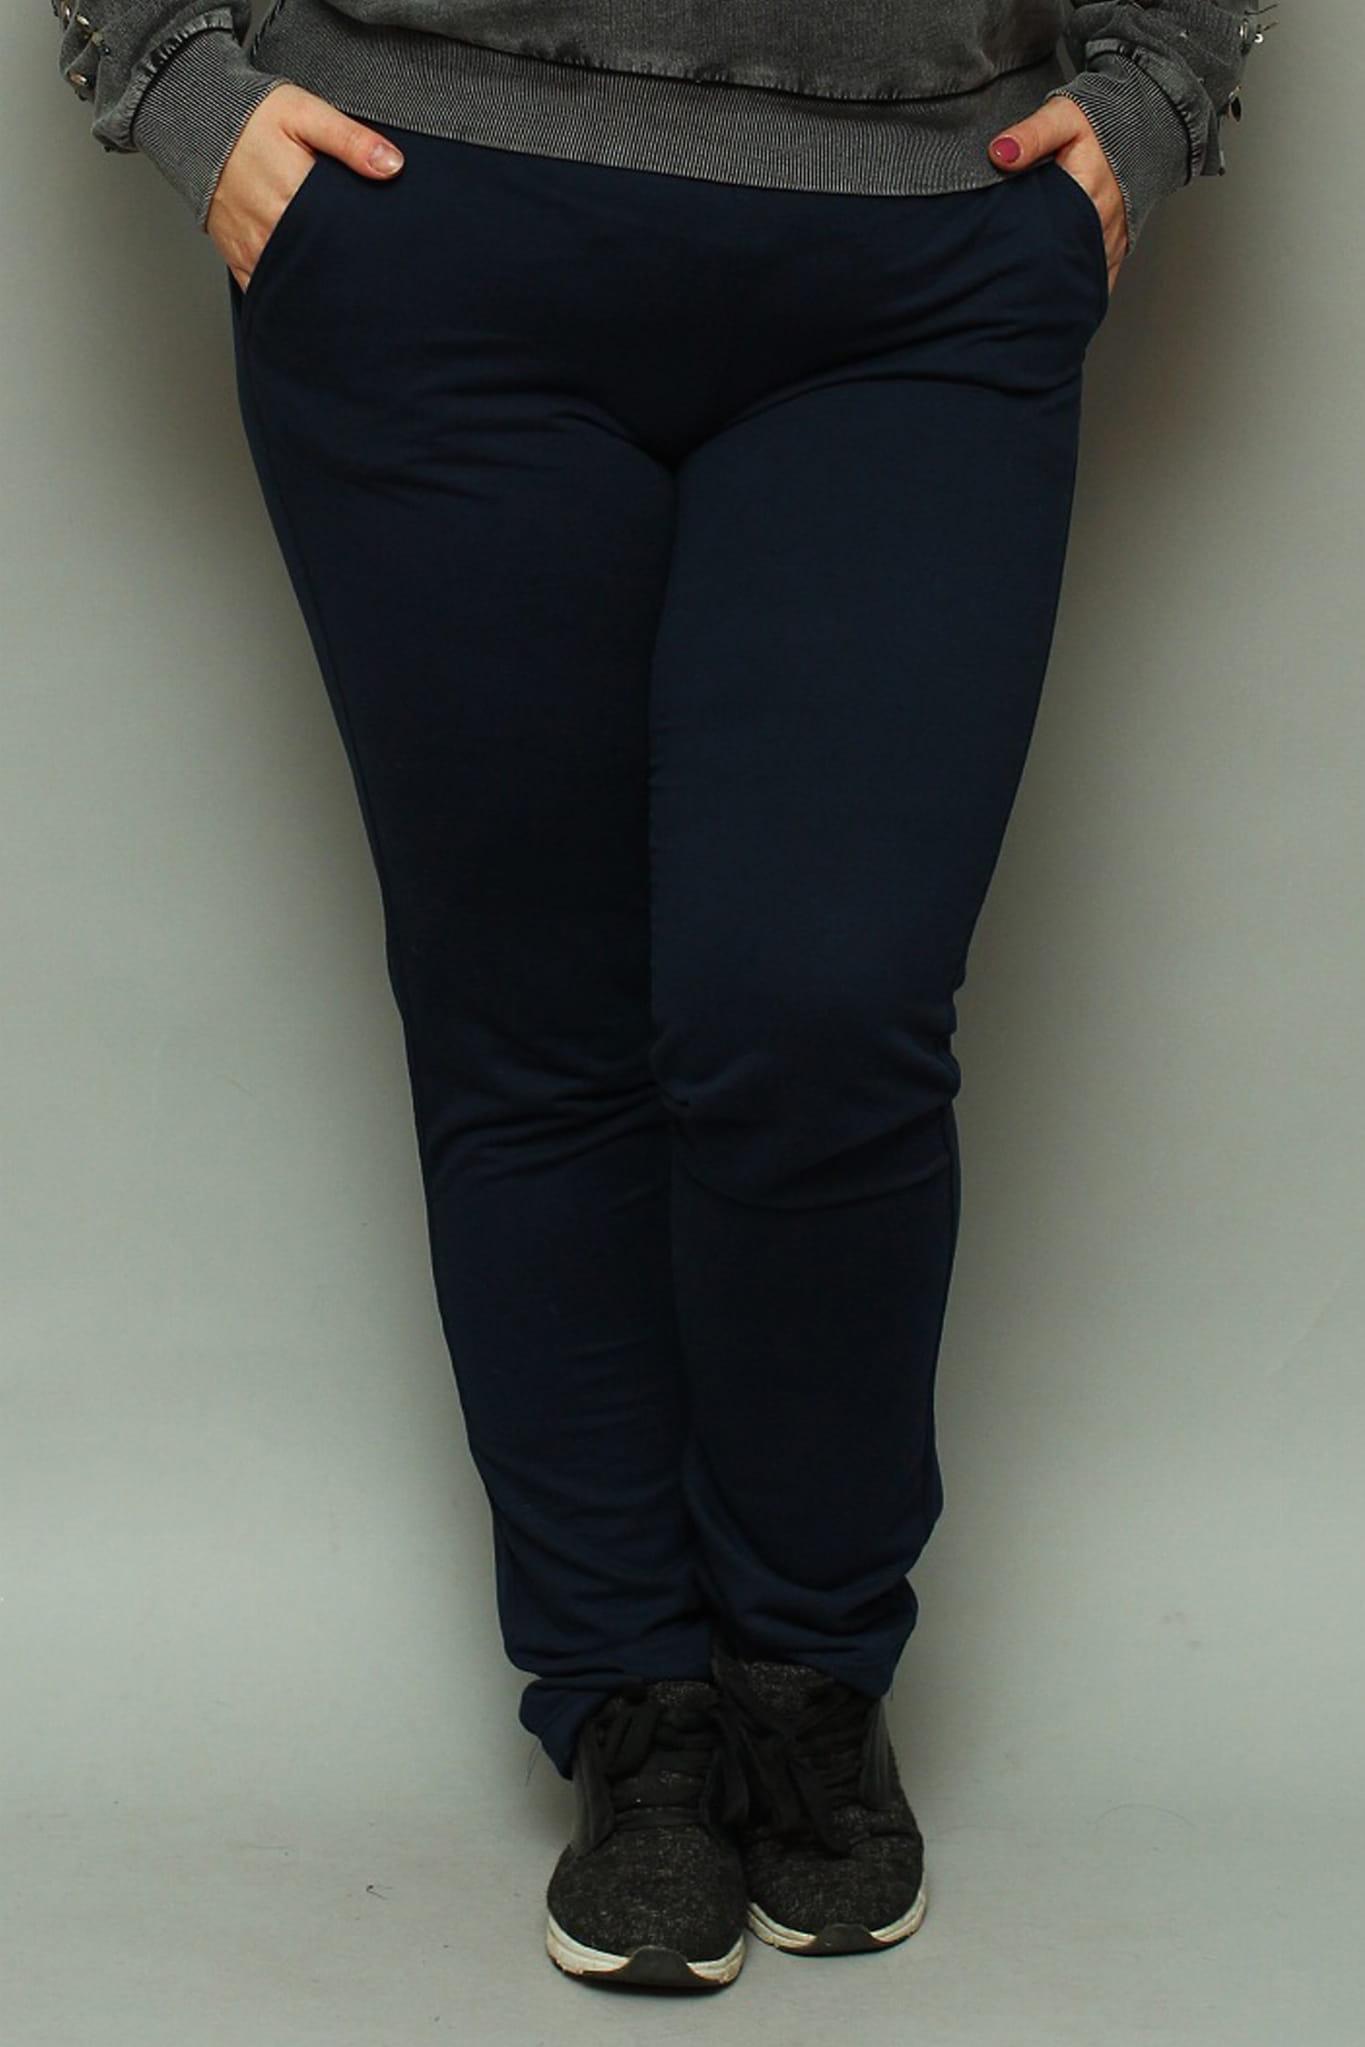 a6ba114e Spodnie dresowe proste nogawki granatowe